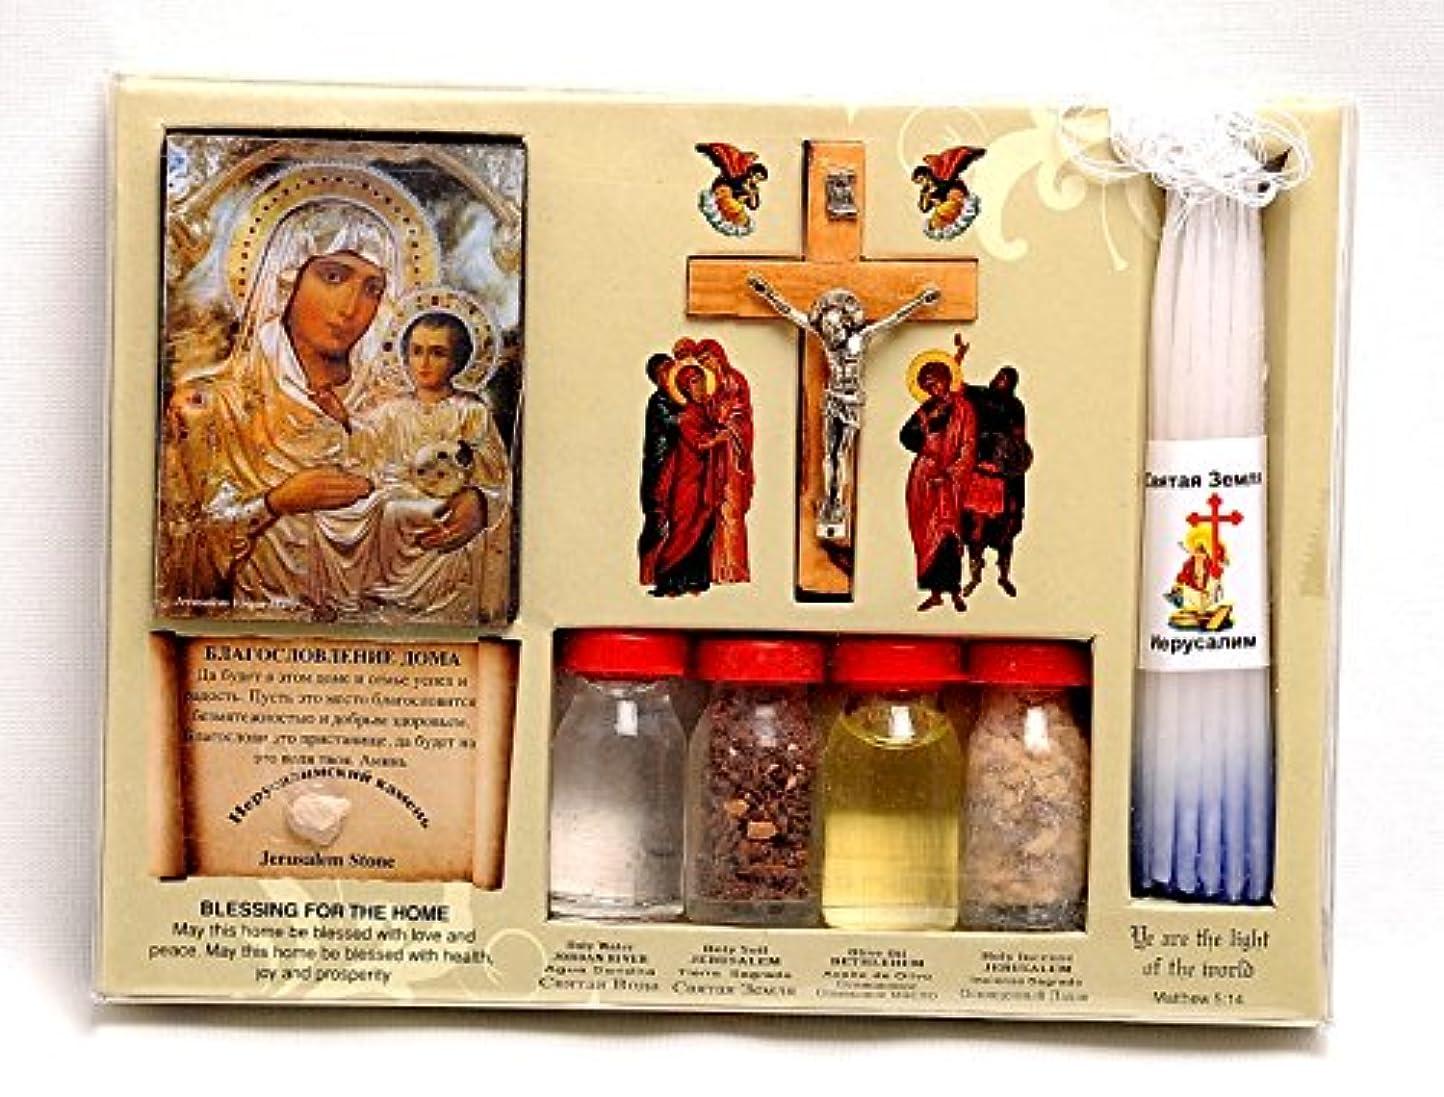 ズームインする貼り直すぼかしホーム祝福キットボトル、クロス&キャンドルに聖地エルサレム